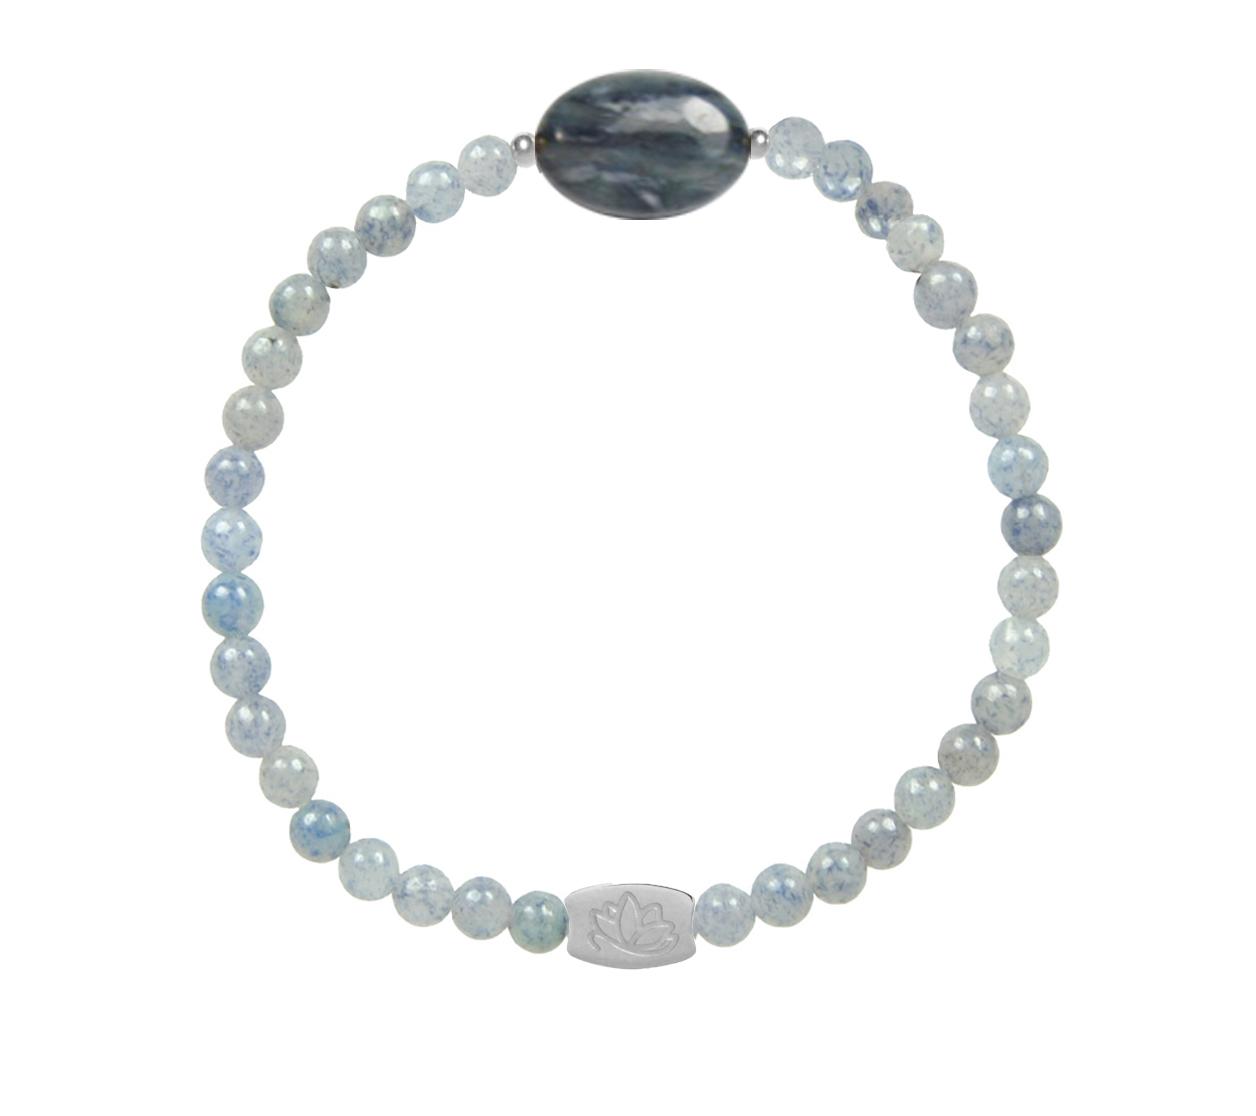 Armbaender für Frauen - MAS jewelz Armband Blauquartz 4mm mit ovalem Stein Blauquartz  - Onlineshop Tante Emmer